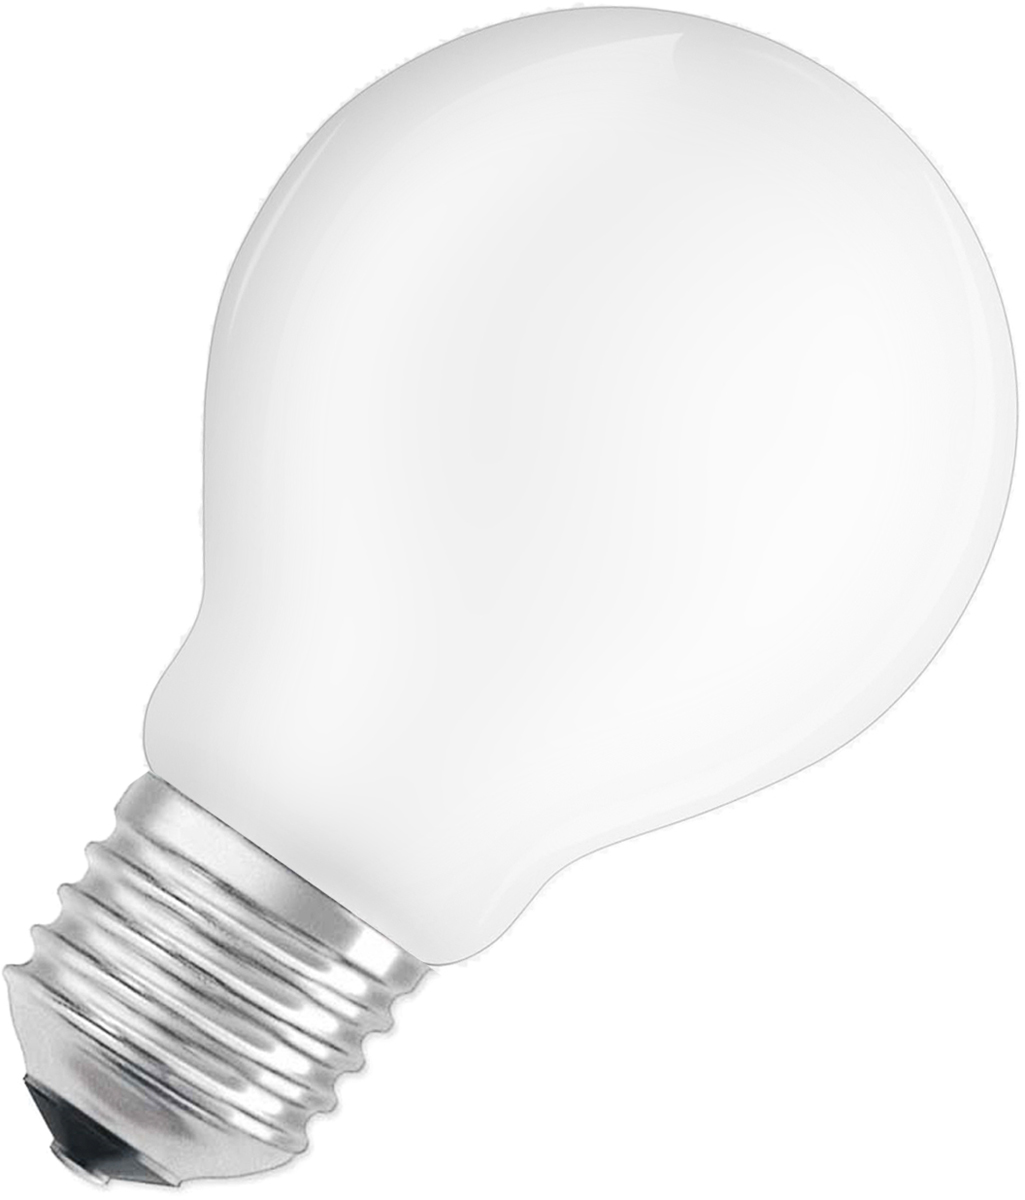 Конструкция лампы состоит из стеклянной колбы, заполненной инертным газом. Основу устройства составляет тело накала или вольфрамовая спираль, которая под воздействием электрического тока начинает излучать свечение.Лампы накаливания используются для всеобщего, местного и наружного освещения в быту и промышленности в сетях переменного тока напряжением 220 В частотой 50 Гц